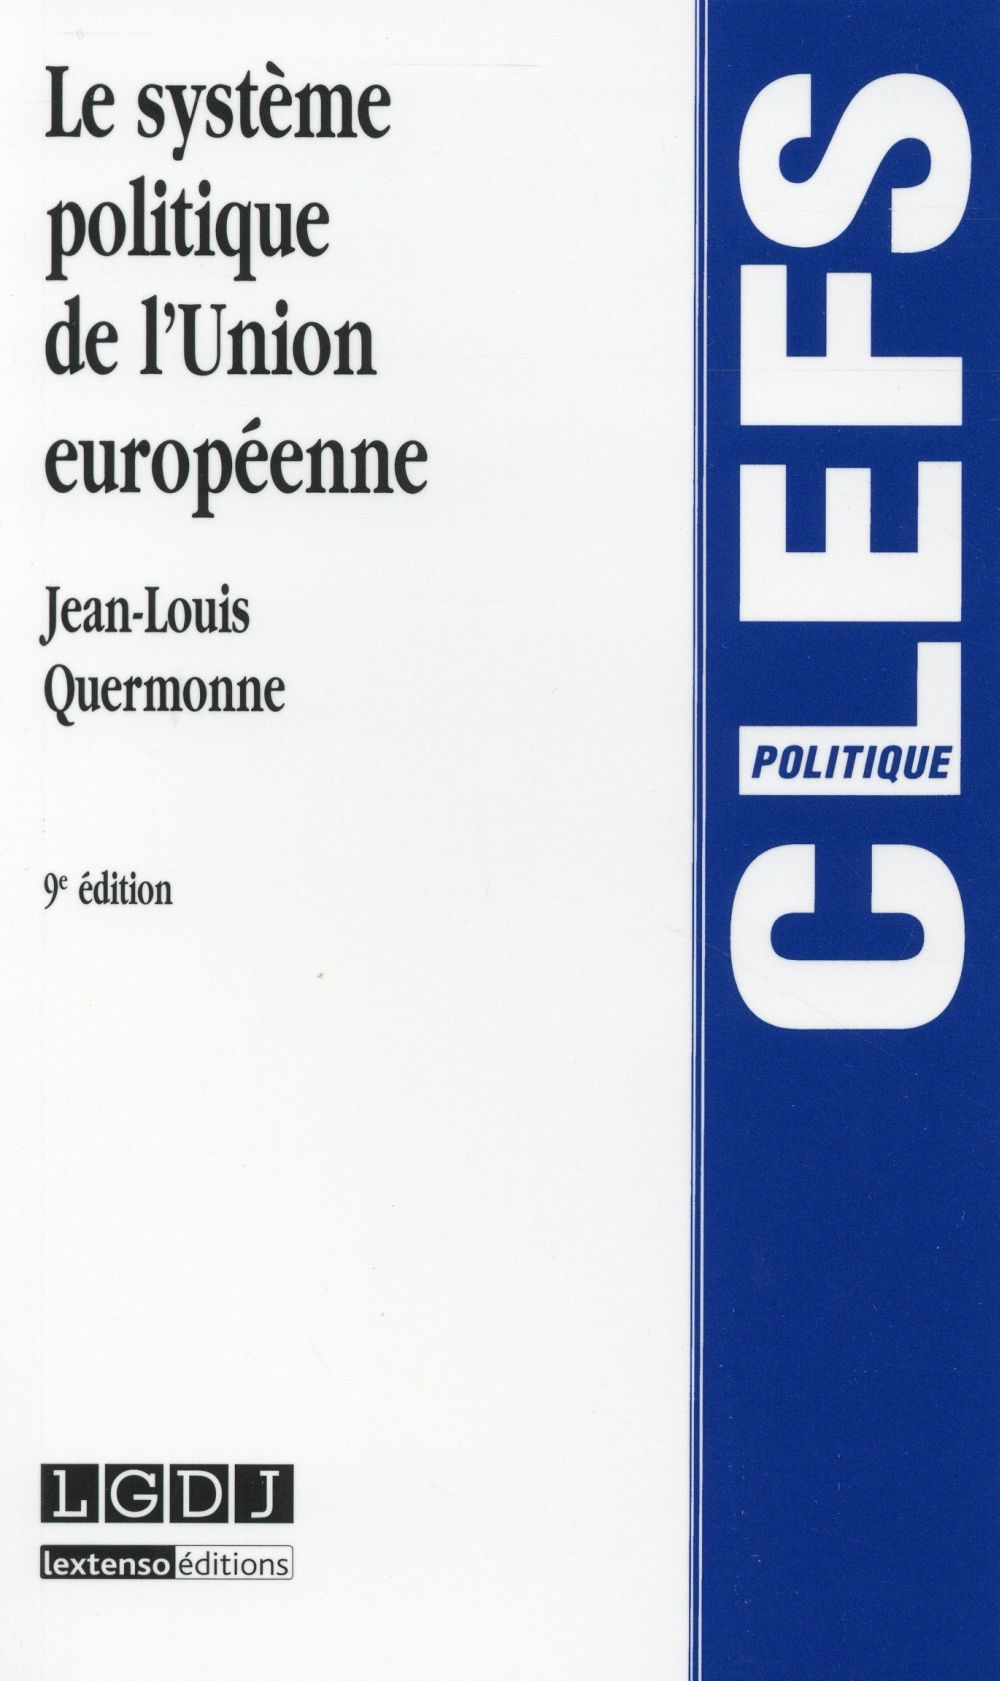 Le système politique de l'Union Européenne (9e édition)